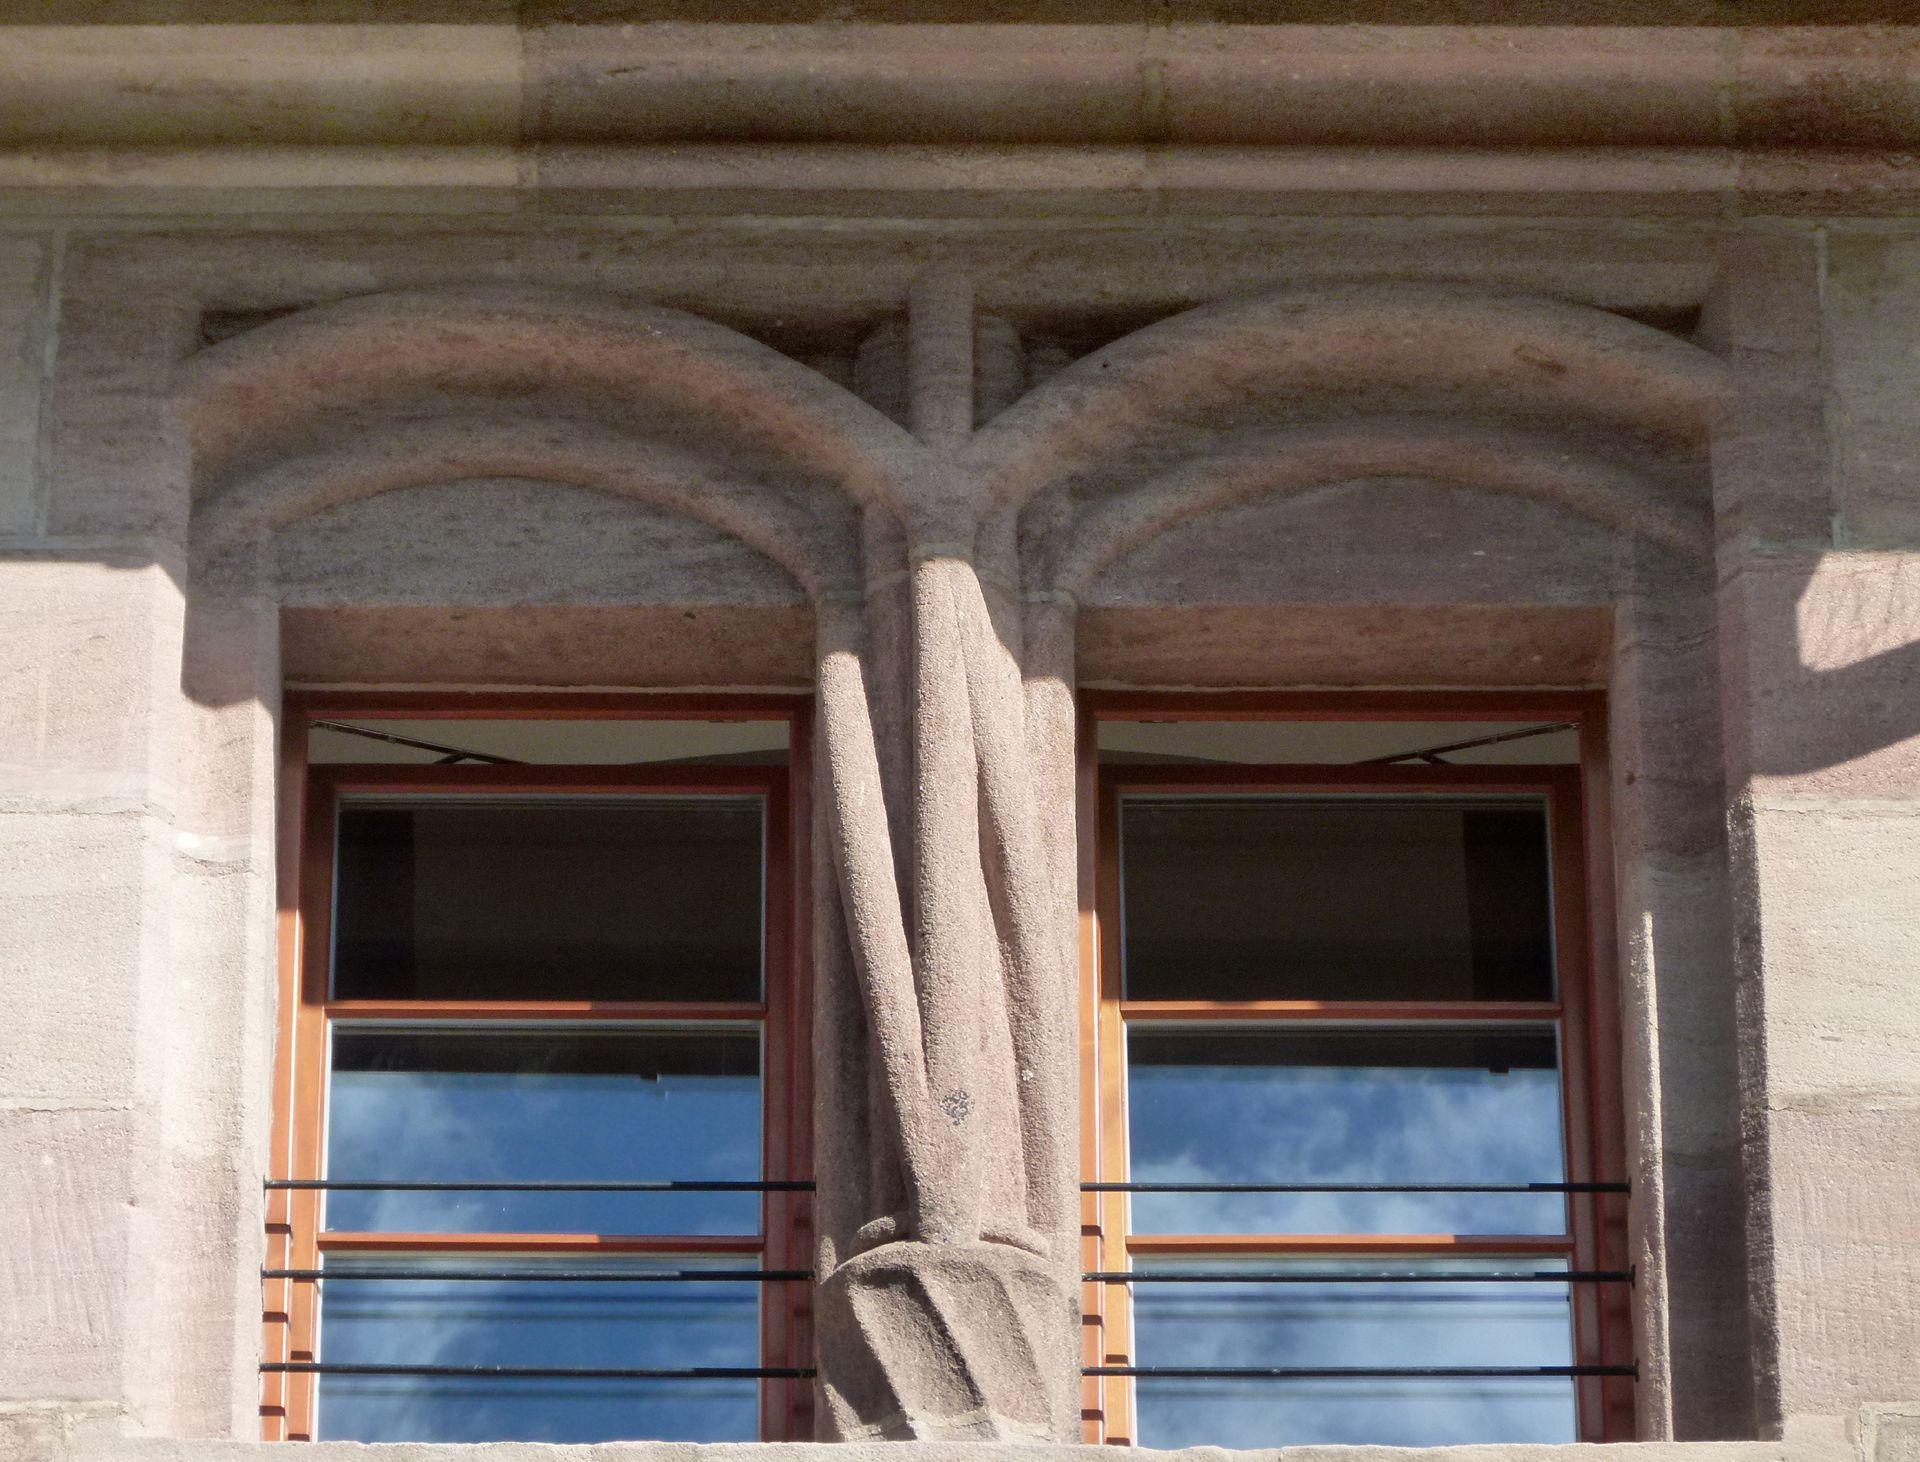 Kaiserstallung Südfassade, Detail eines Zwillingsfensters mit gedrehten Diensten.